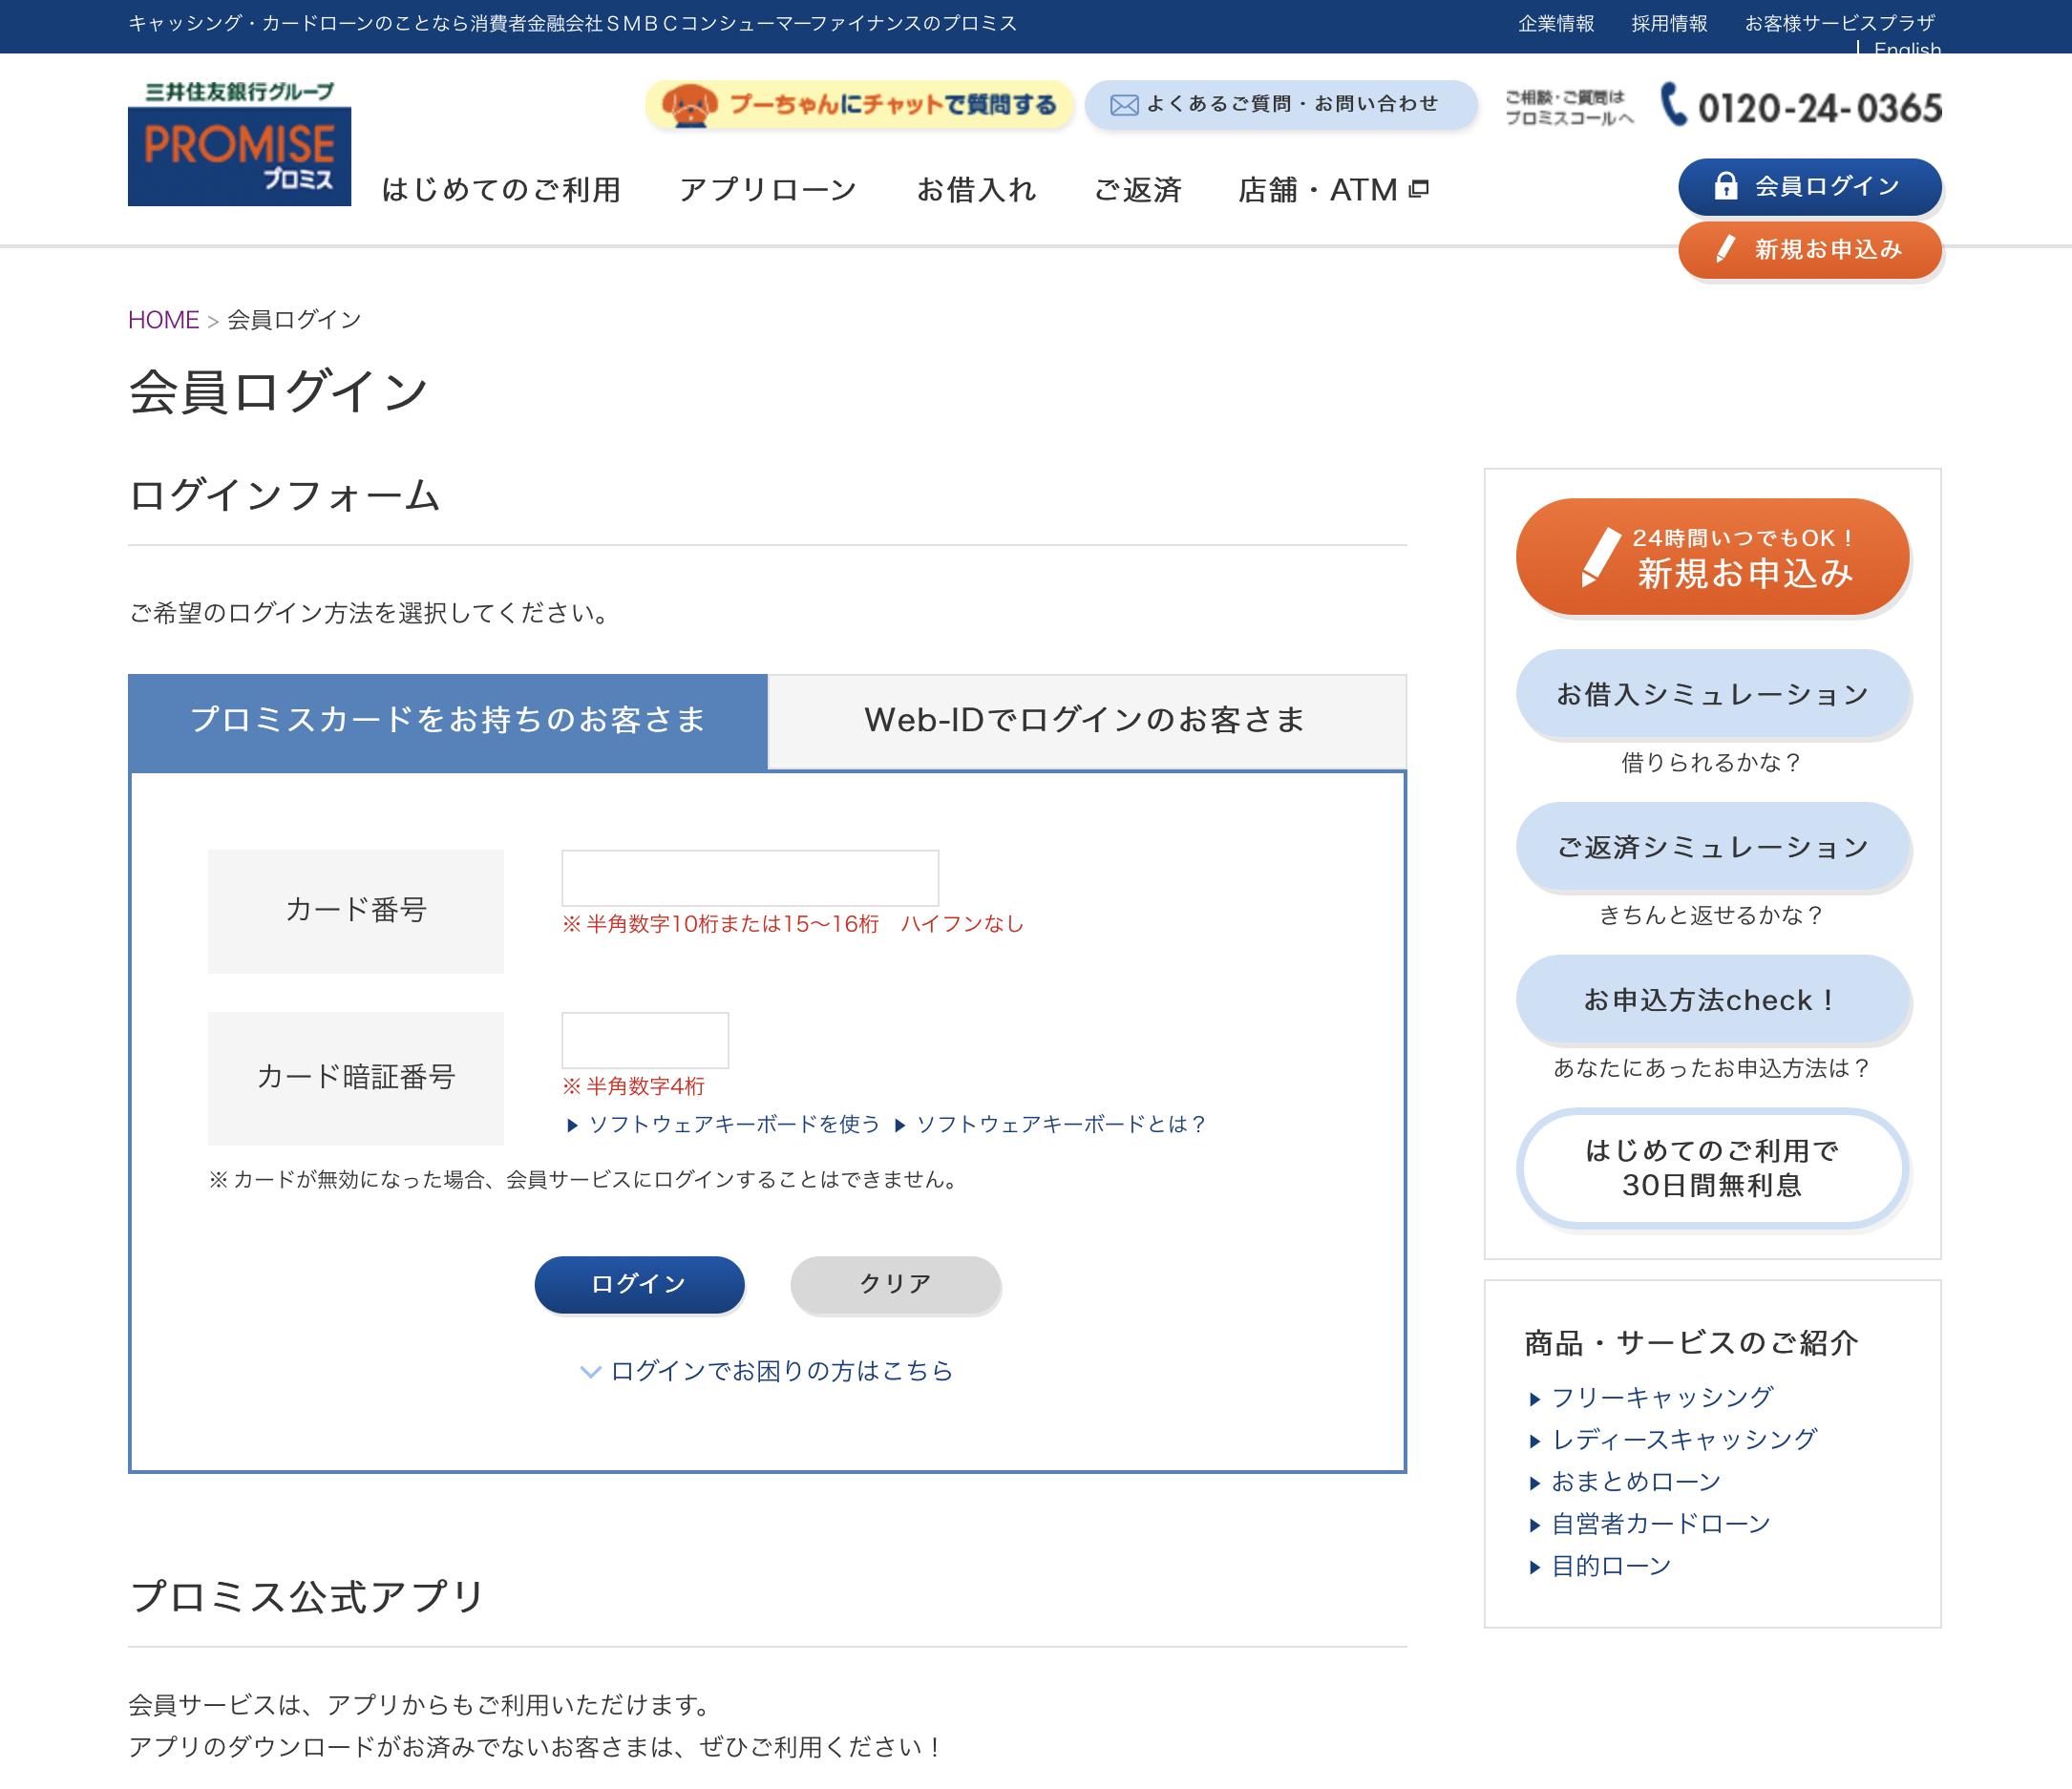 プロミス会員ページは、プロミス公式サイトの右側、青い「鍵のマーク」の部分にあります。